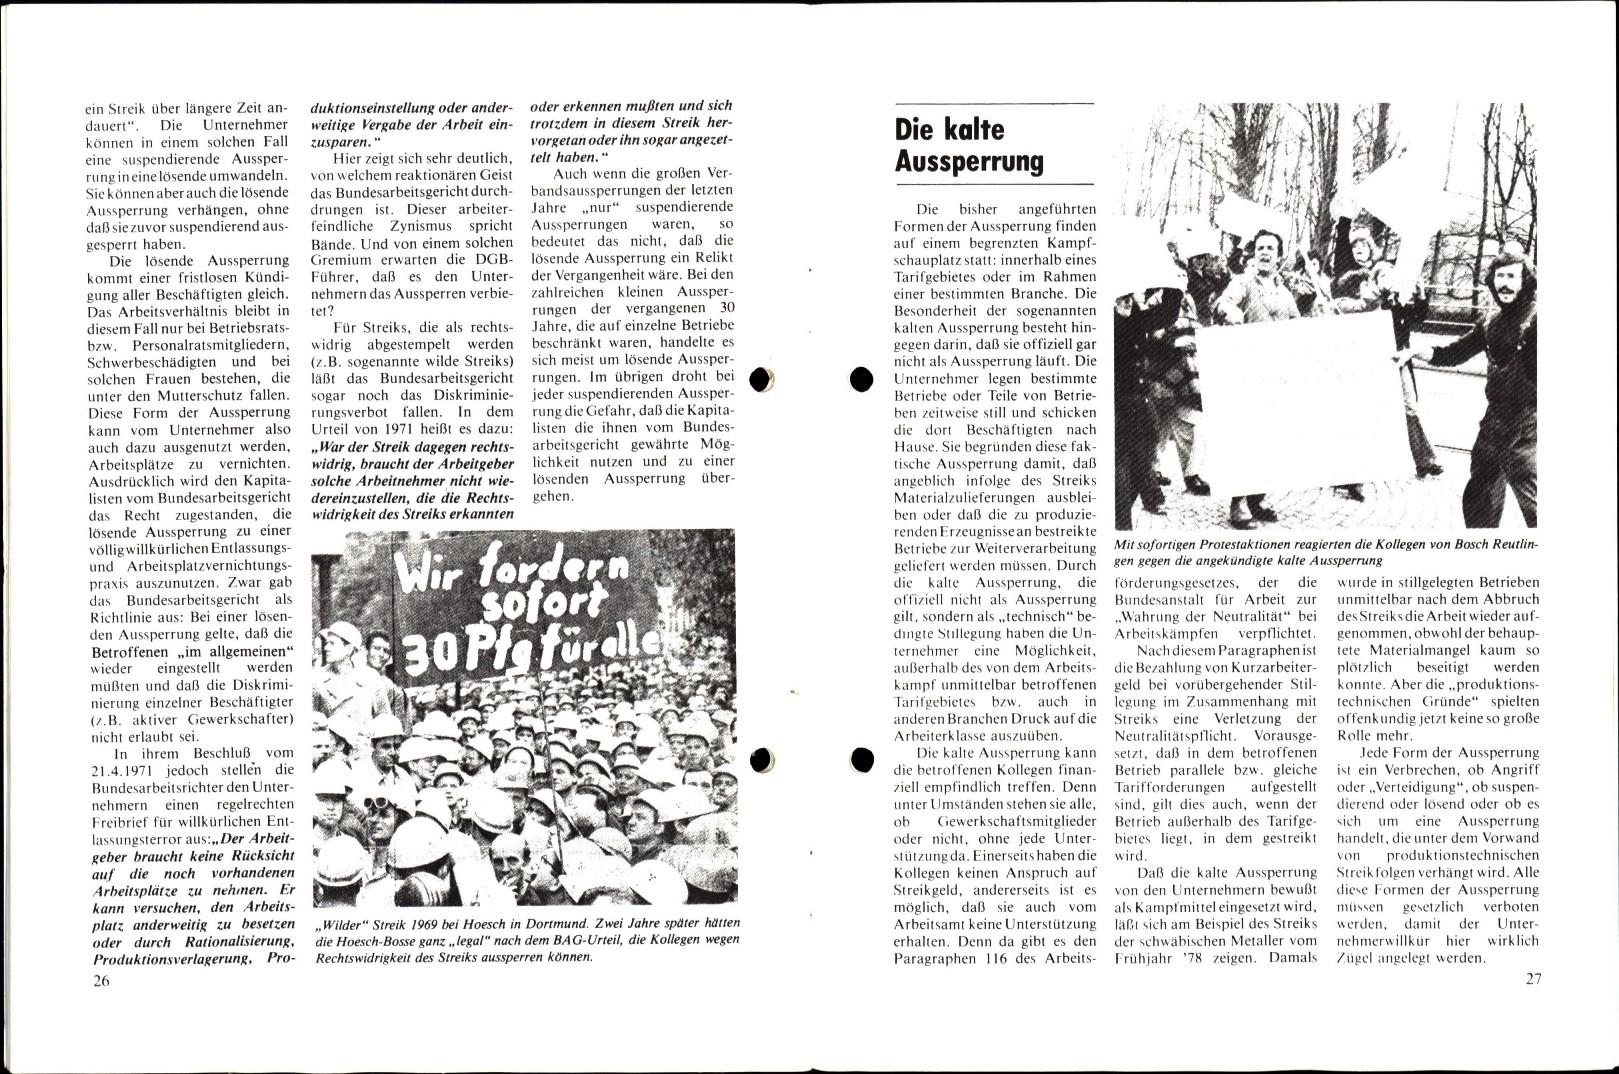 KPDML_1979_Aussperrung_verbieten_14